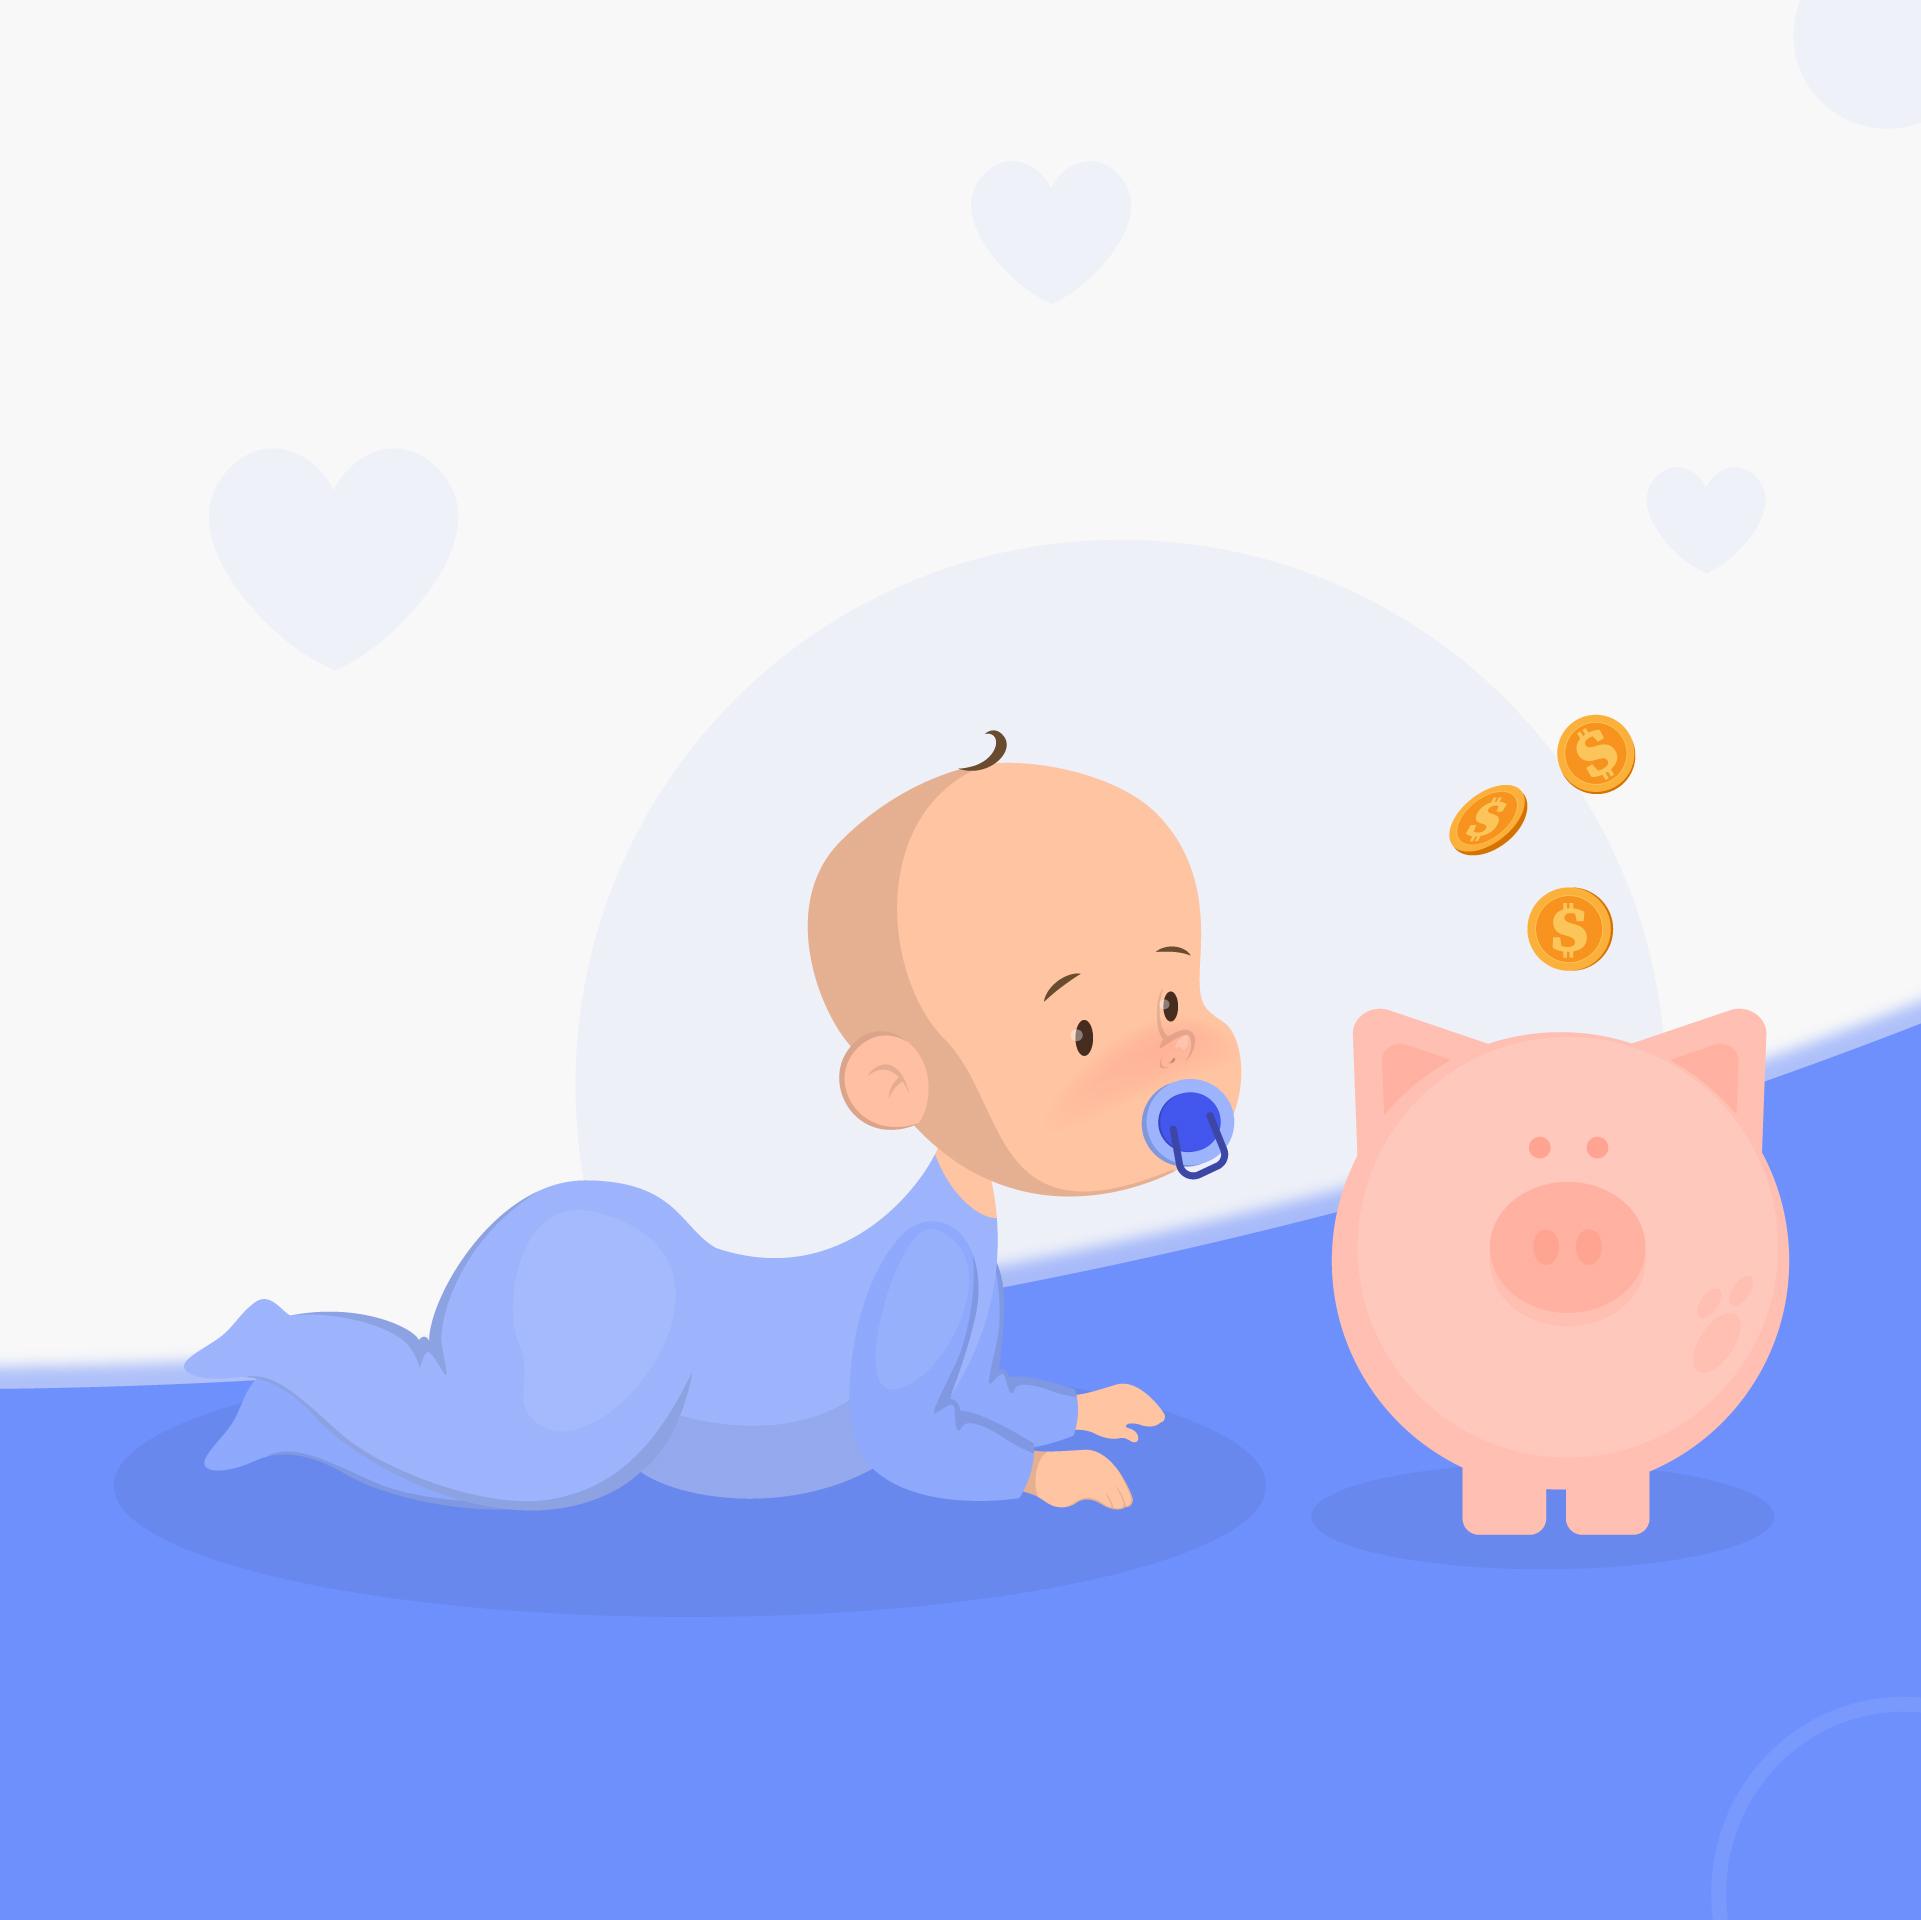 Cómo preparar tus finanzas para la llegada de un bebé